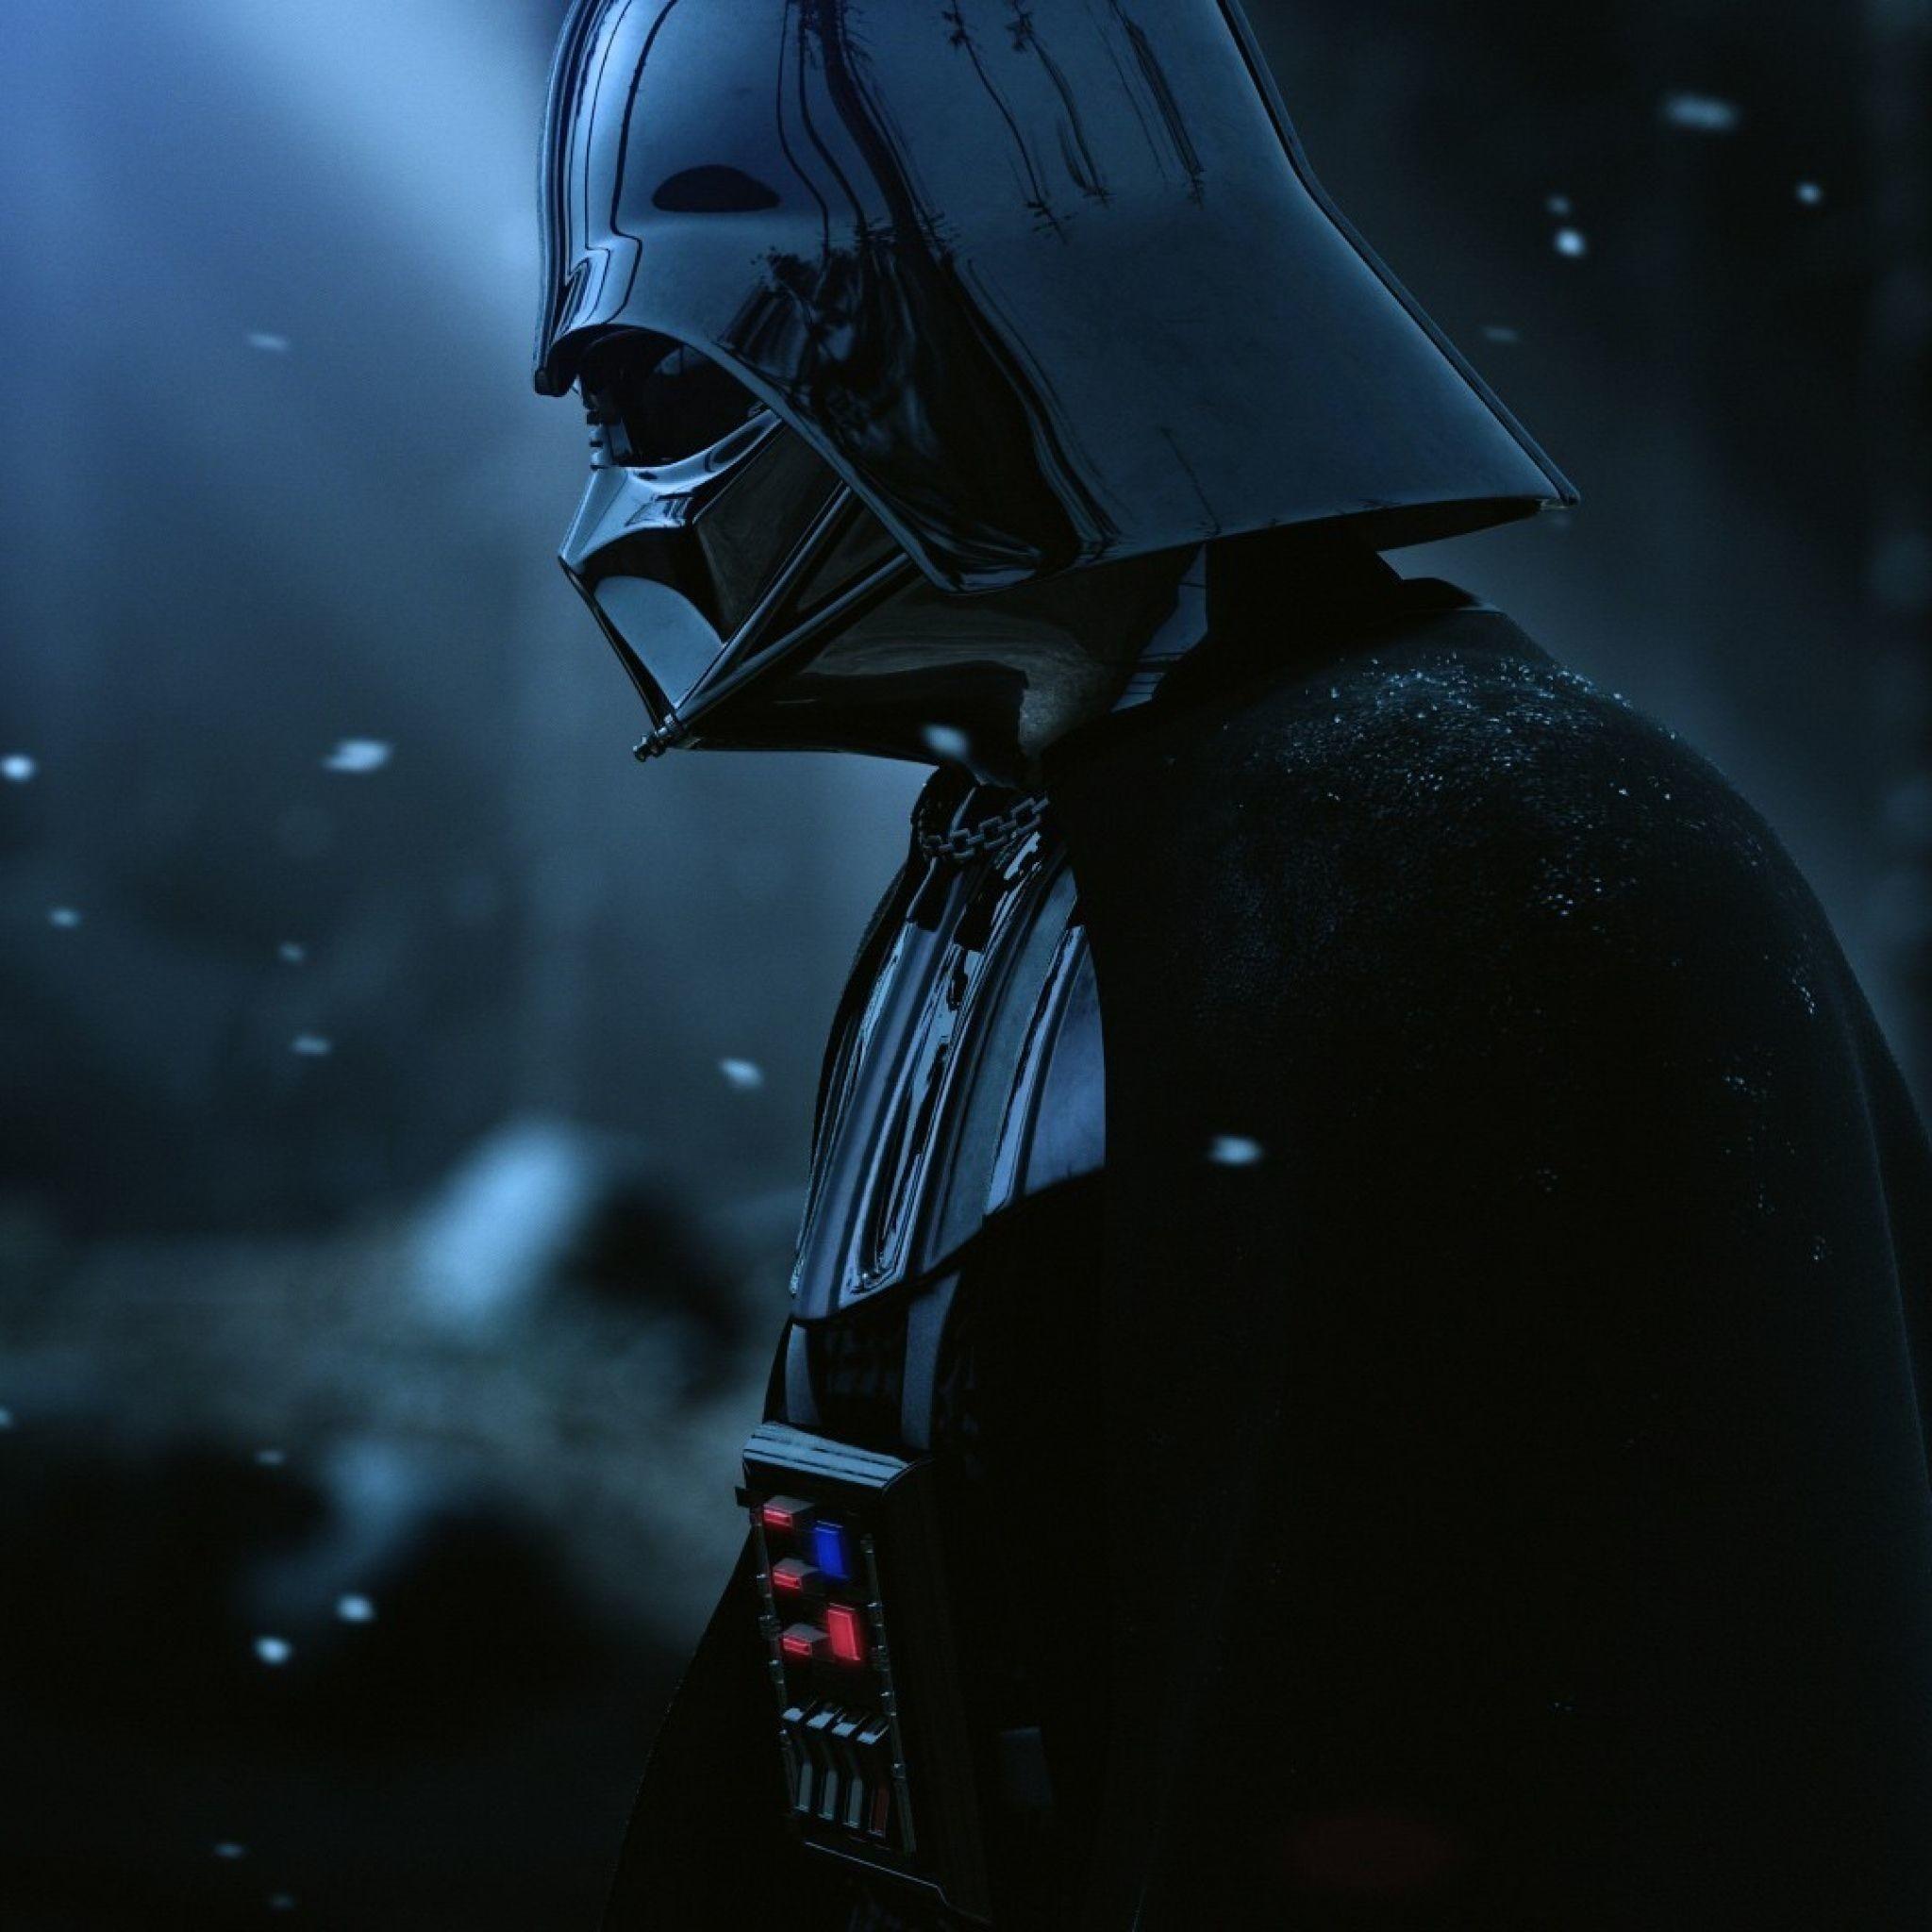 Darth-Vader-serious-iPad.jpg